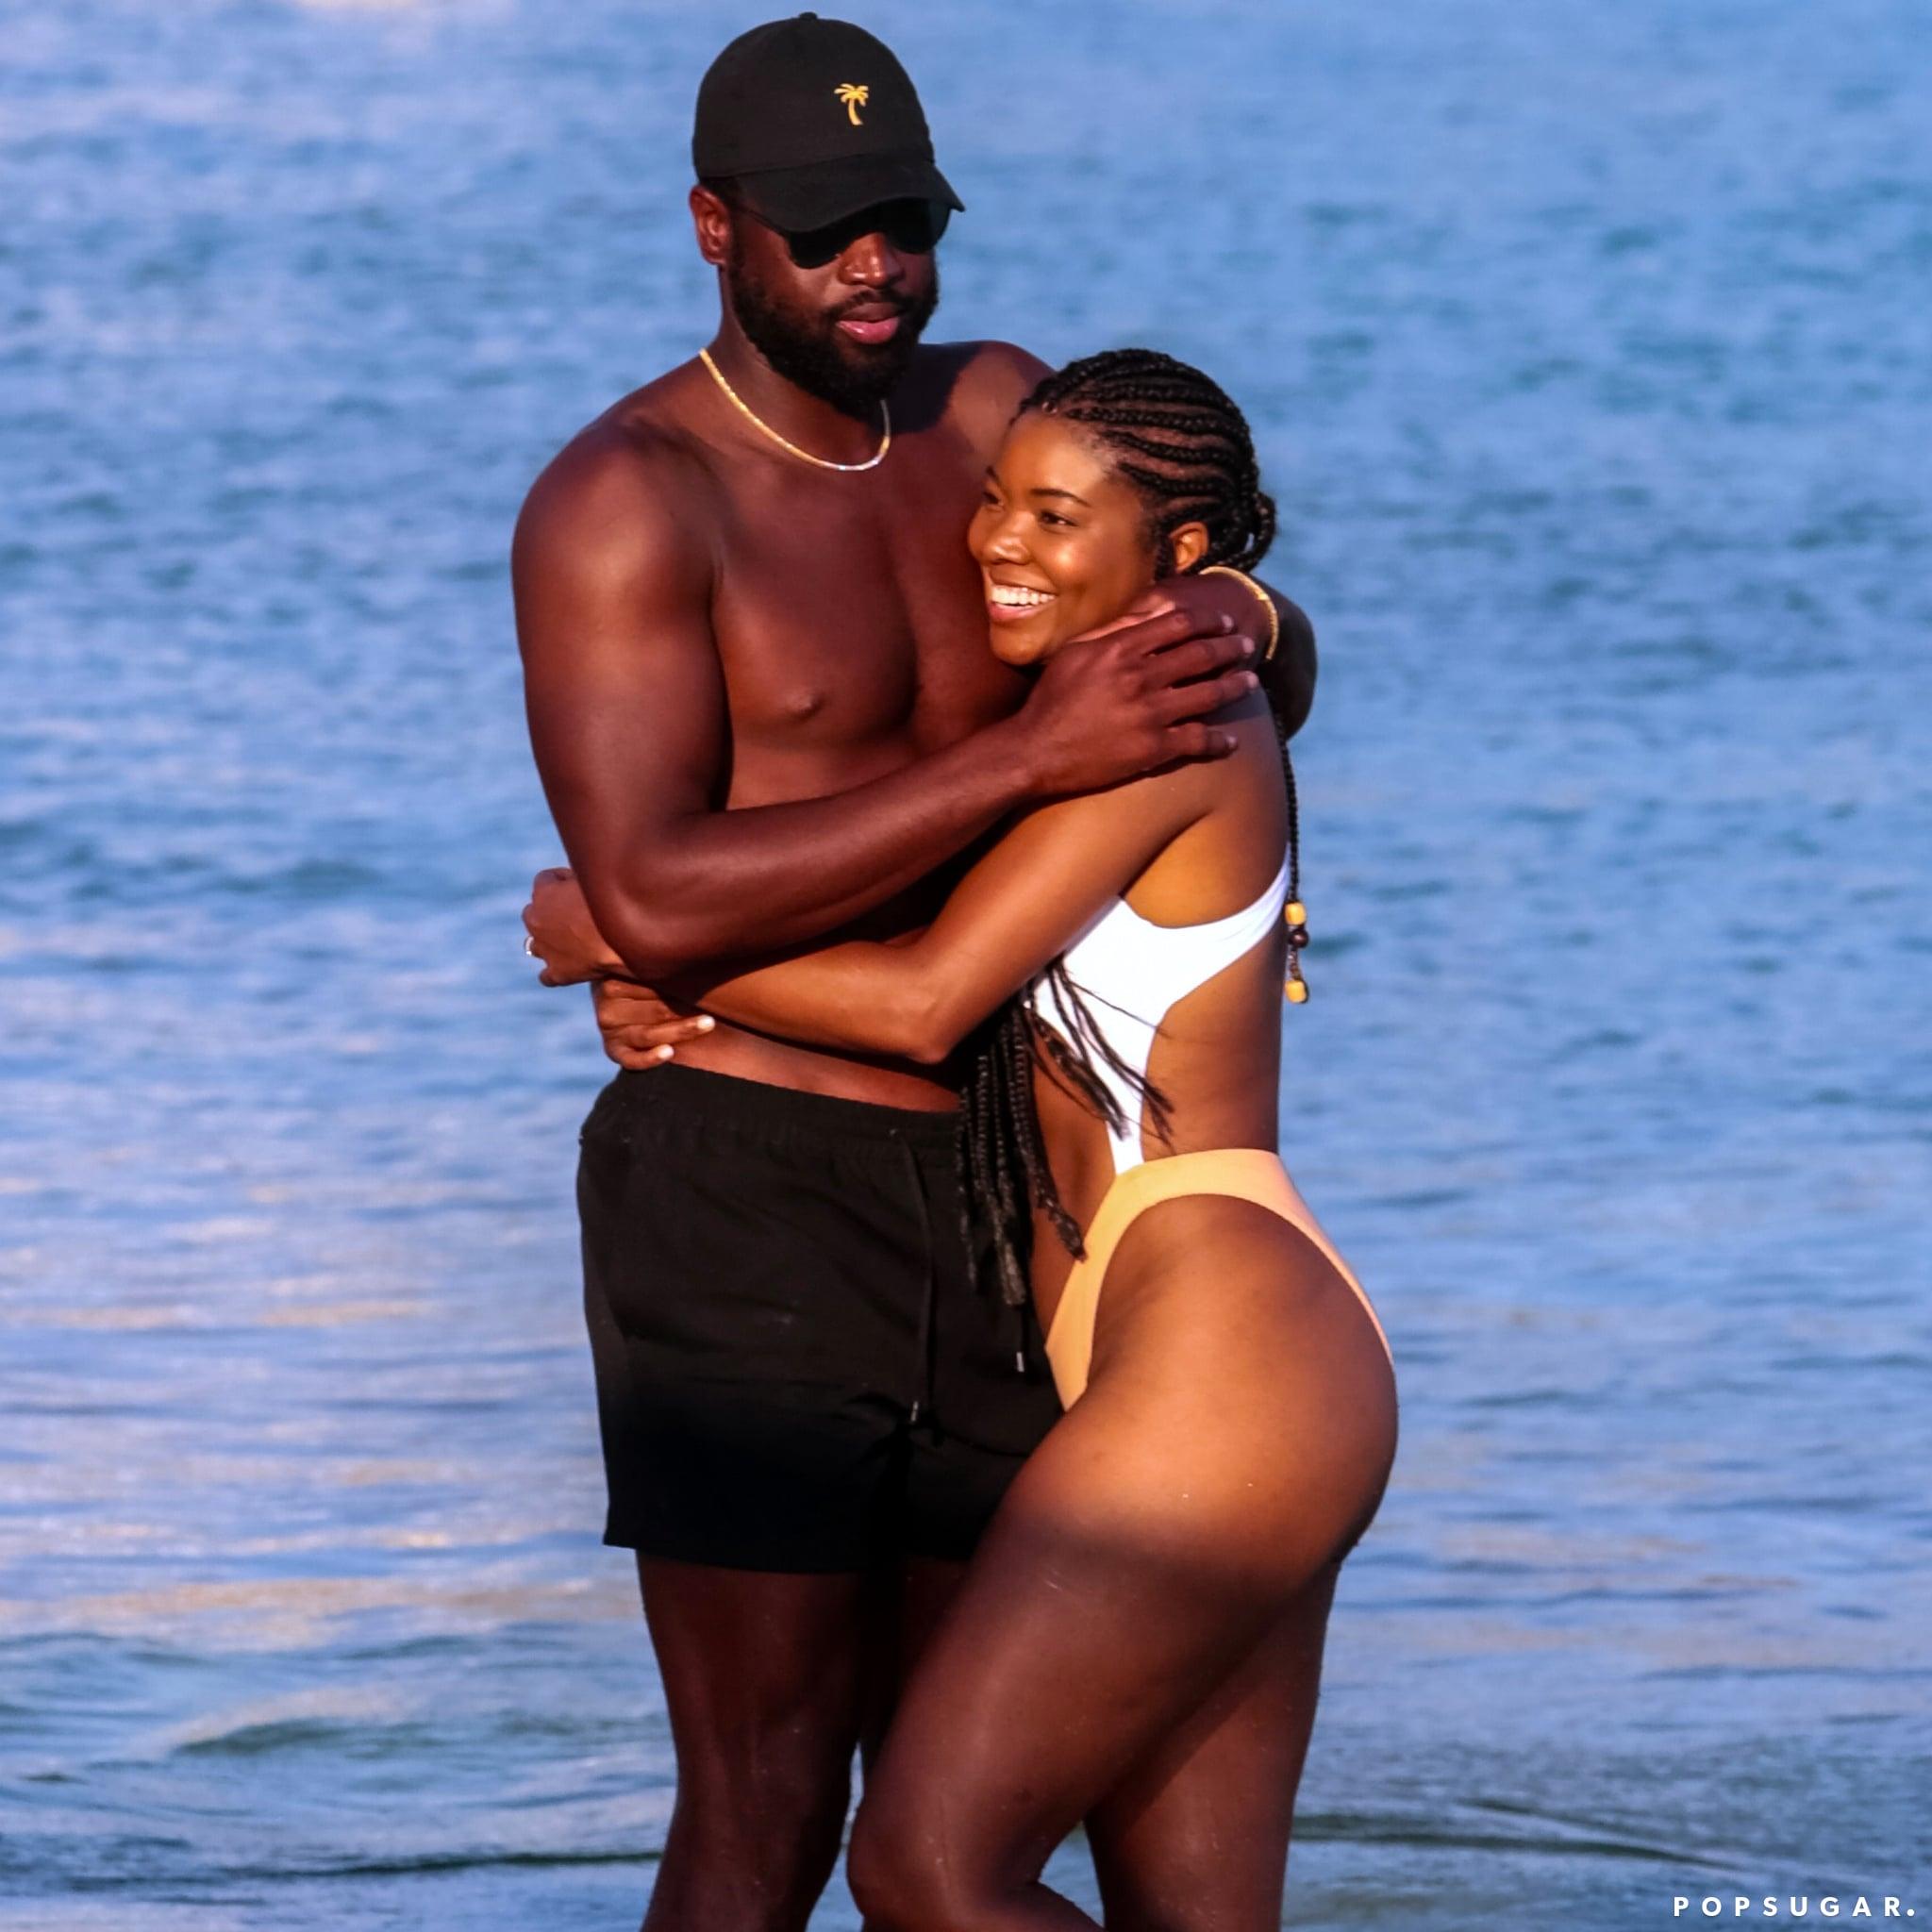 Celebrity Gabrielle Monique Union Wade nudes (13 photo), Tits, Cleavage, Instagram, swimsuit 2006